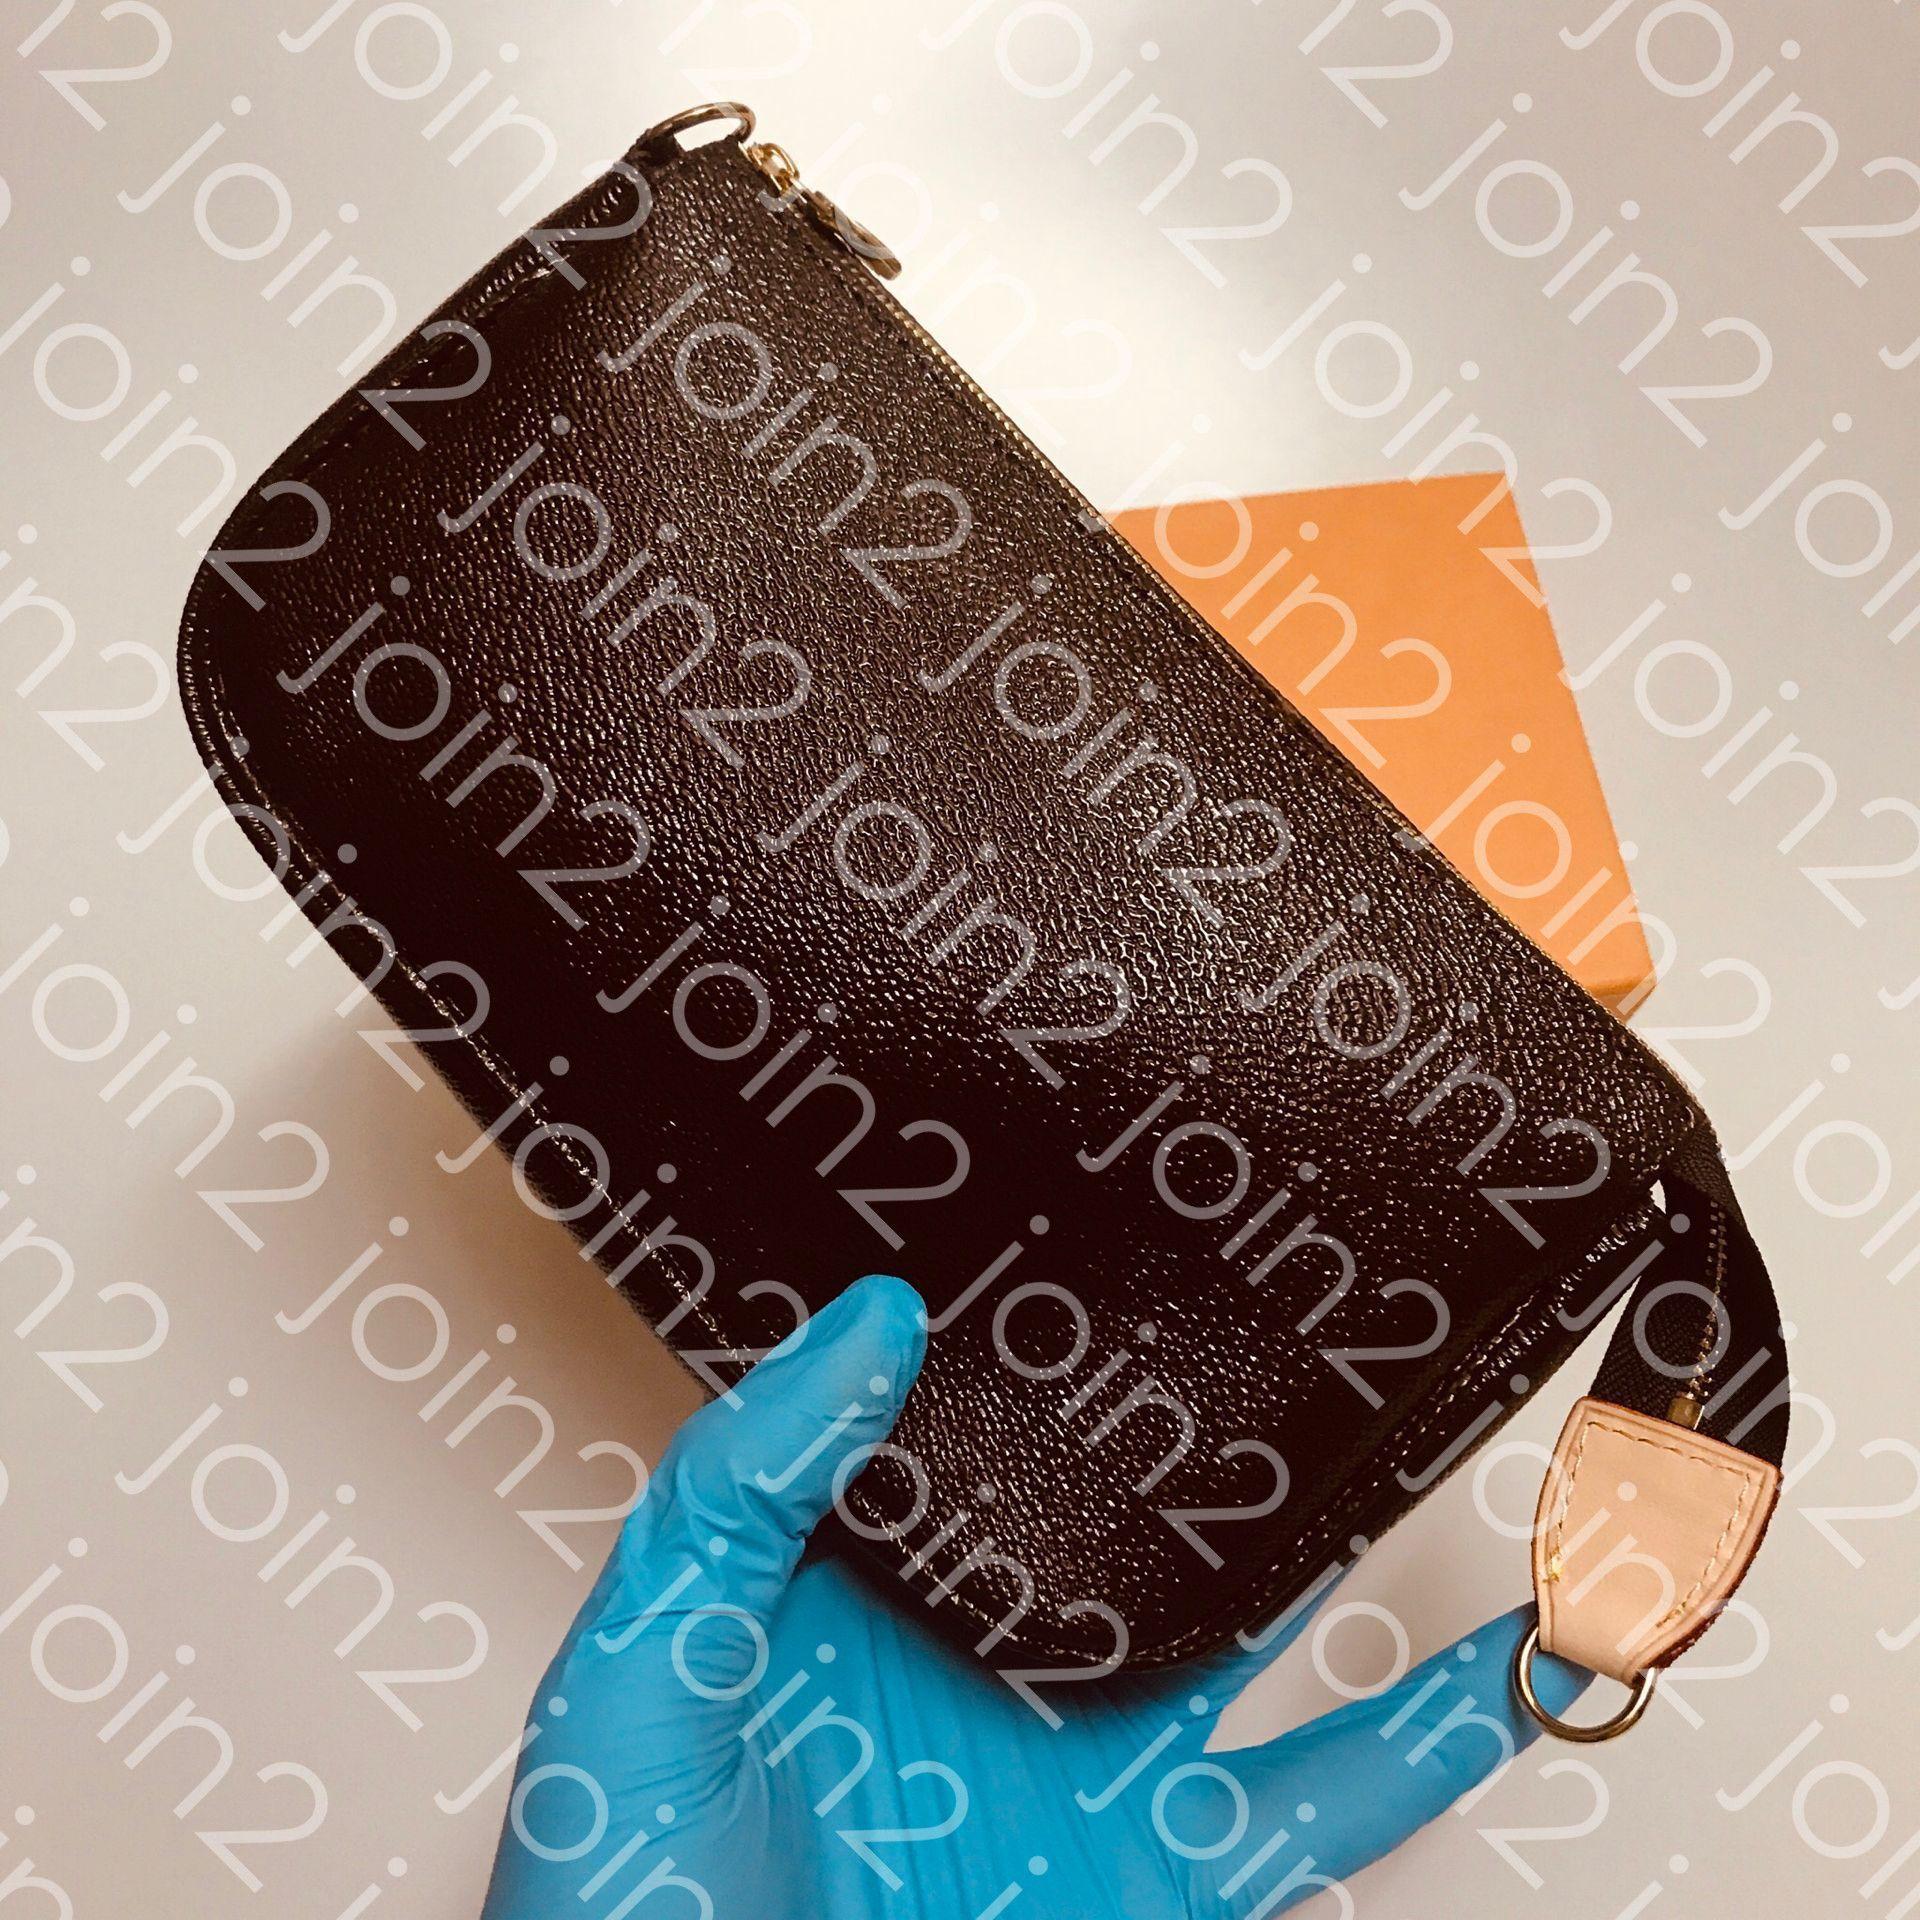 POCHETTE аксессуары женская мода клатч Вечерняя Мини-сумка маленькая сумка ежедневно сумка коричневый холст кожа с Мешок пыли M51980